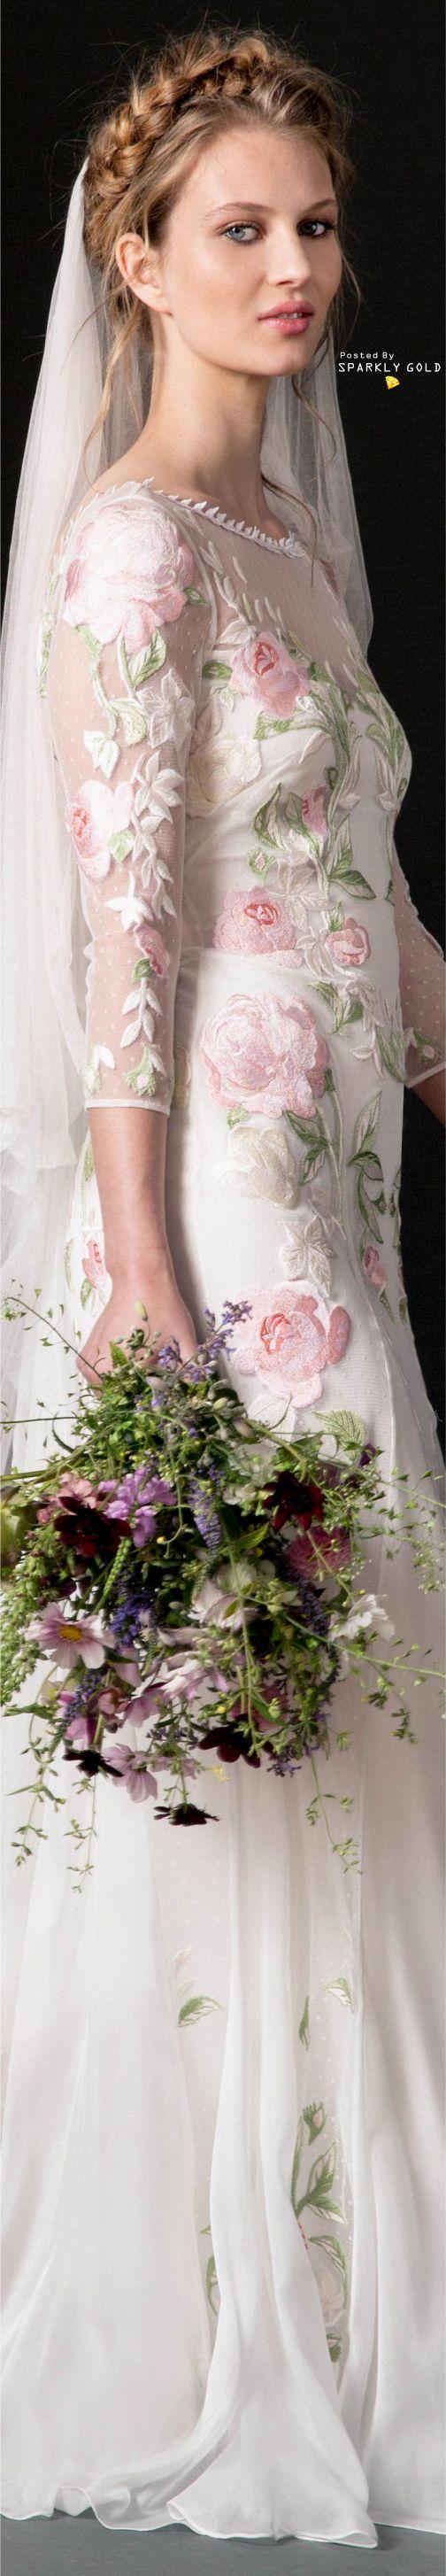 Temperley London Fall 2018 Bridal